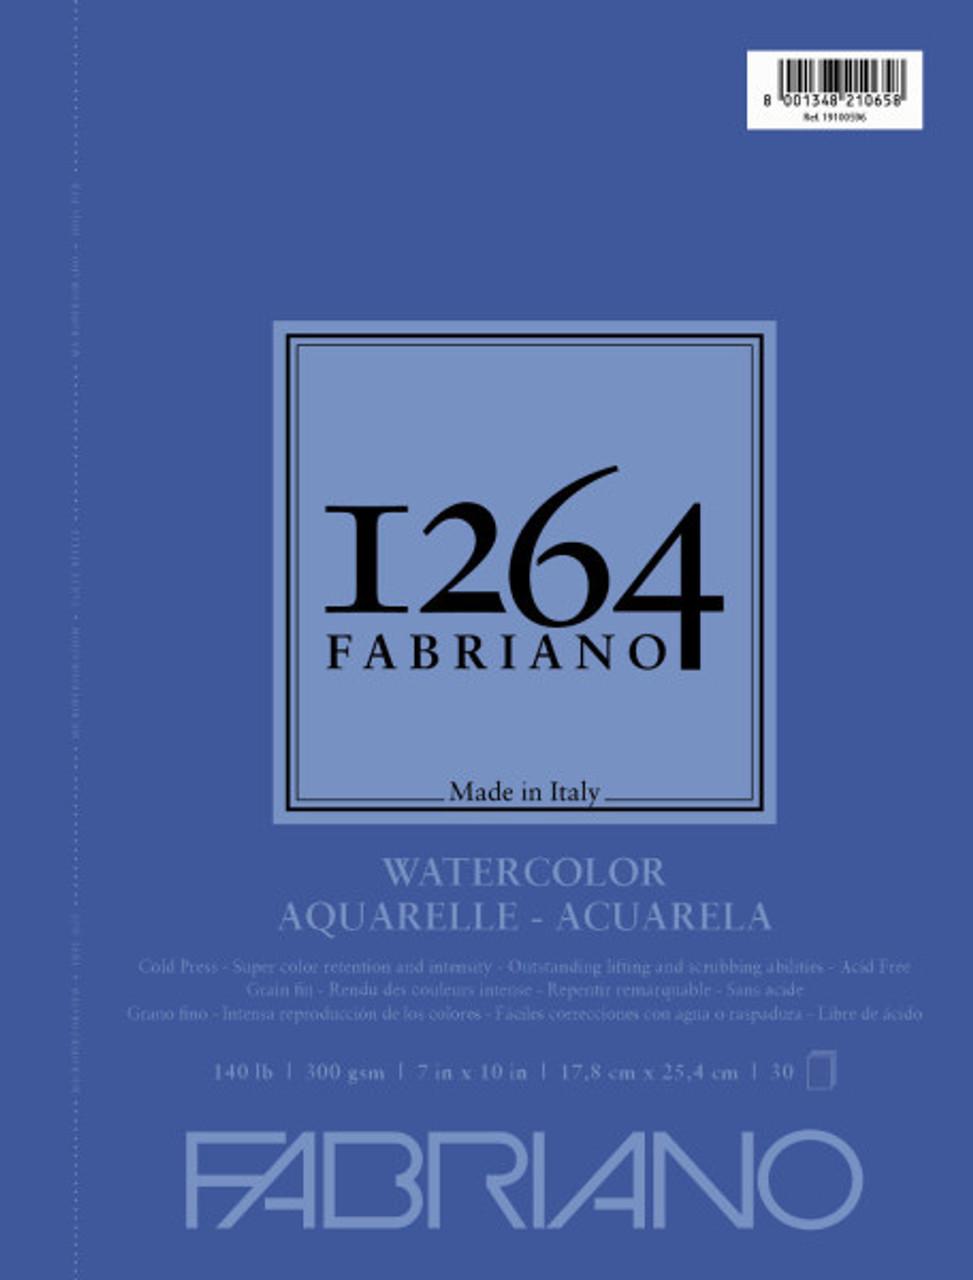 Fabriano 1264 Watercolor Pad